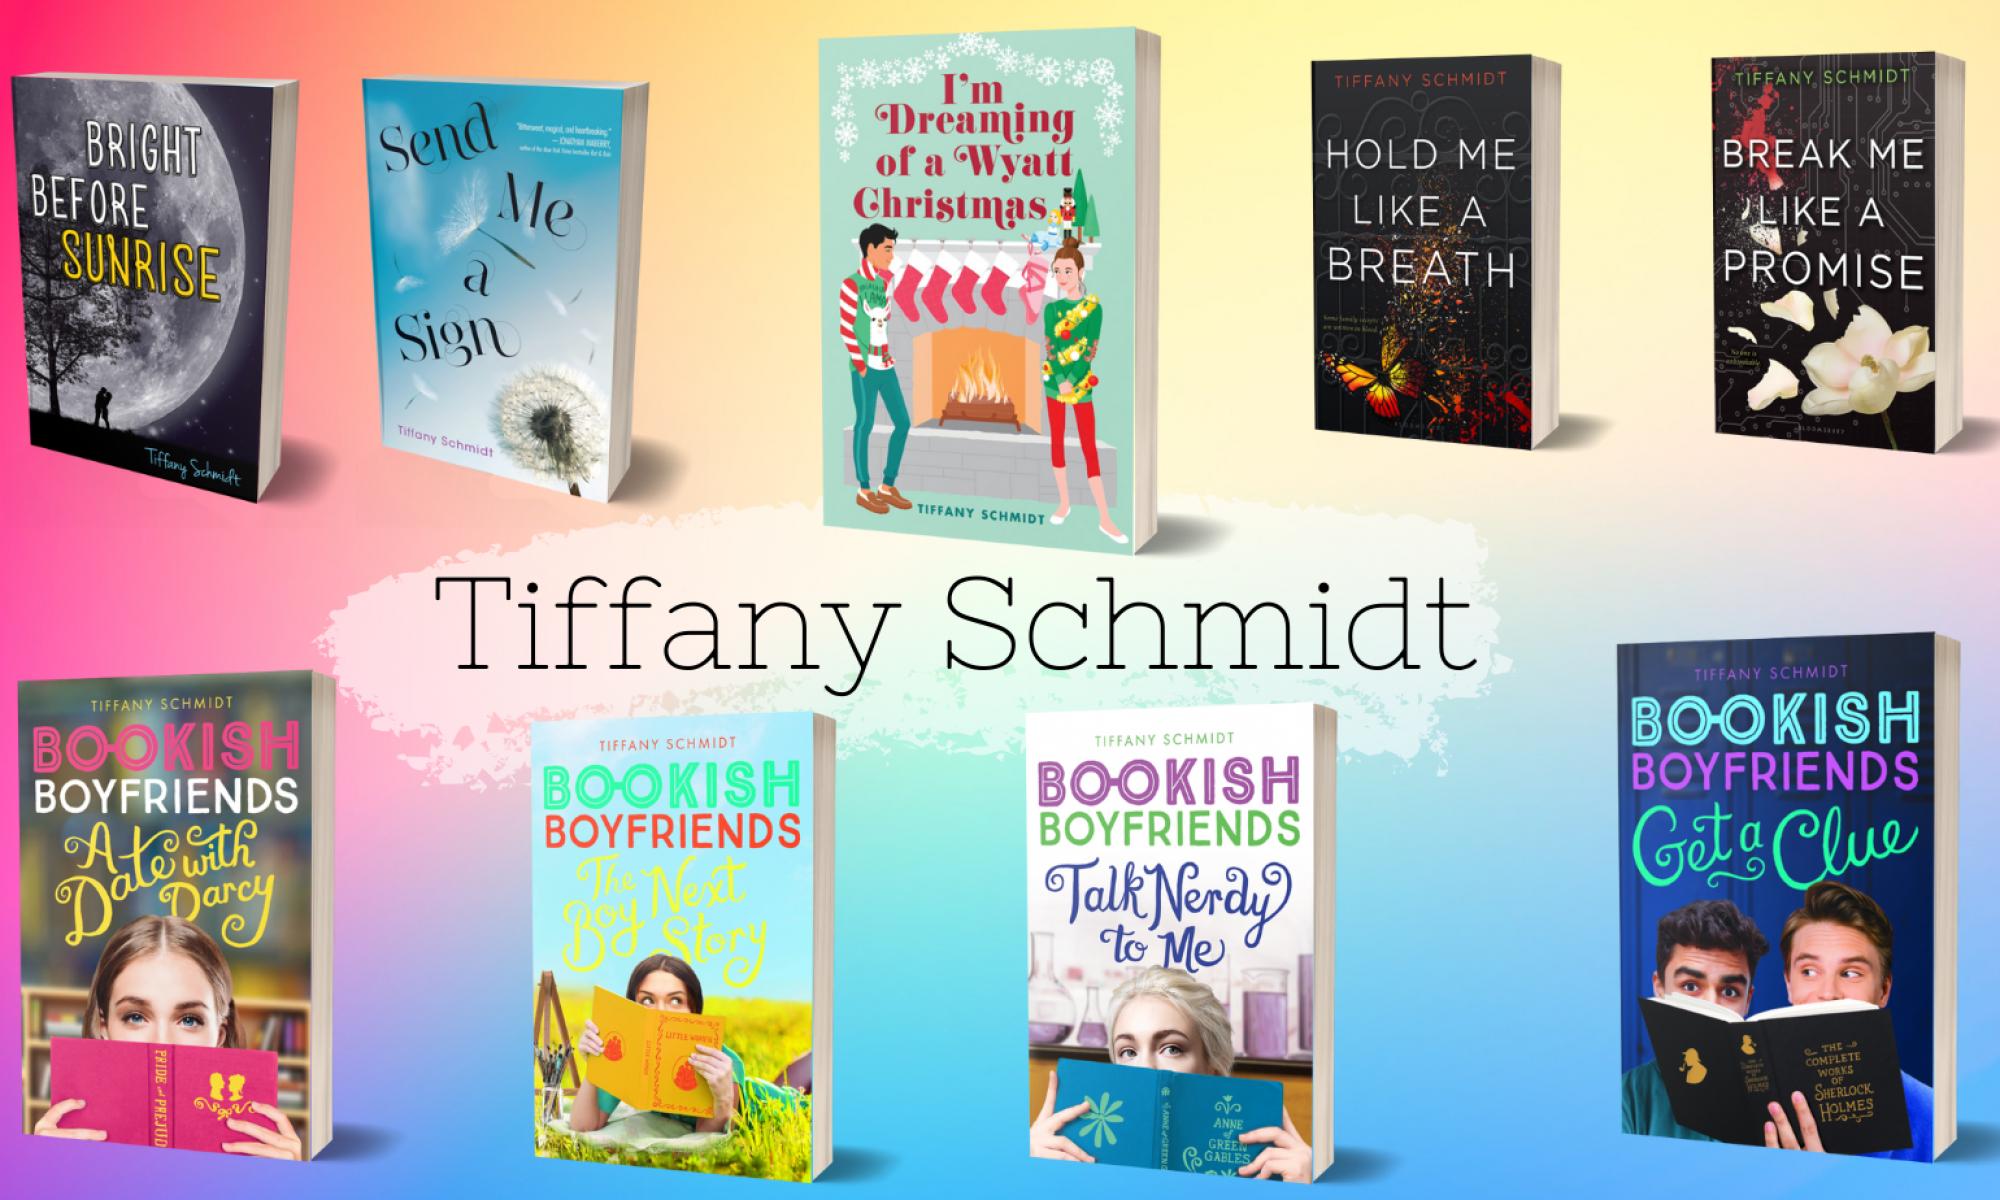 Tiffany Schmidt